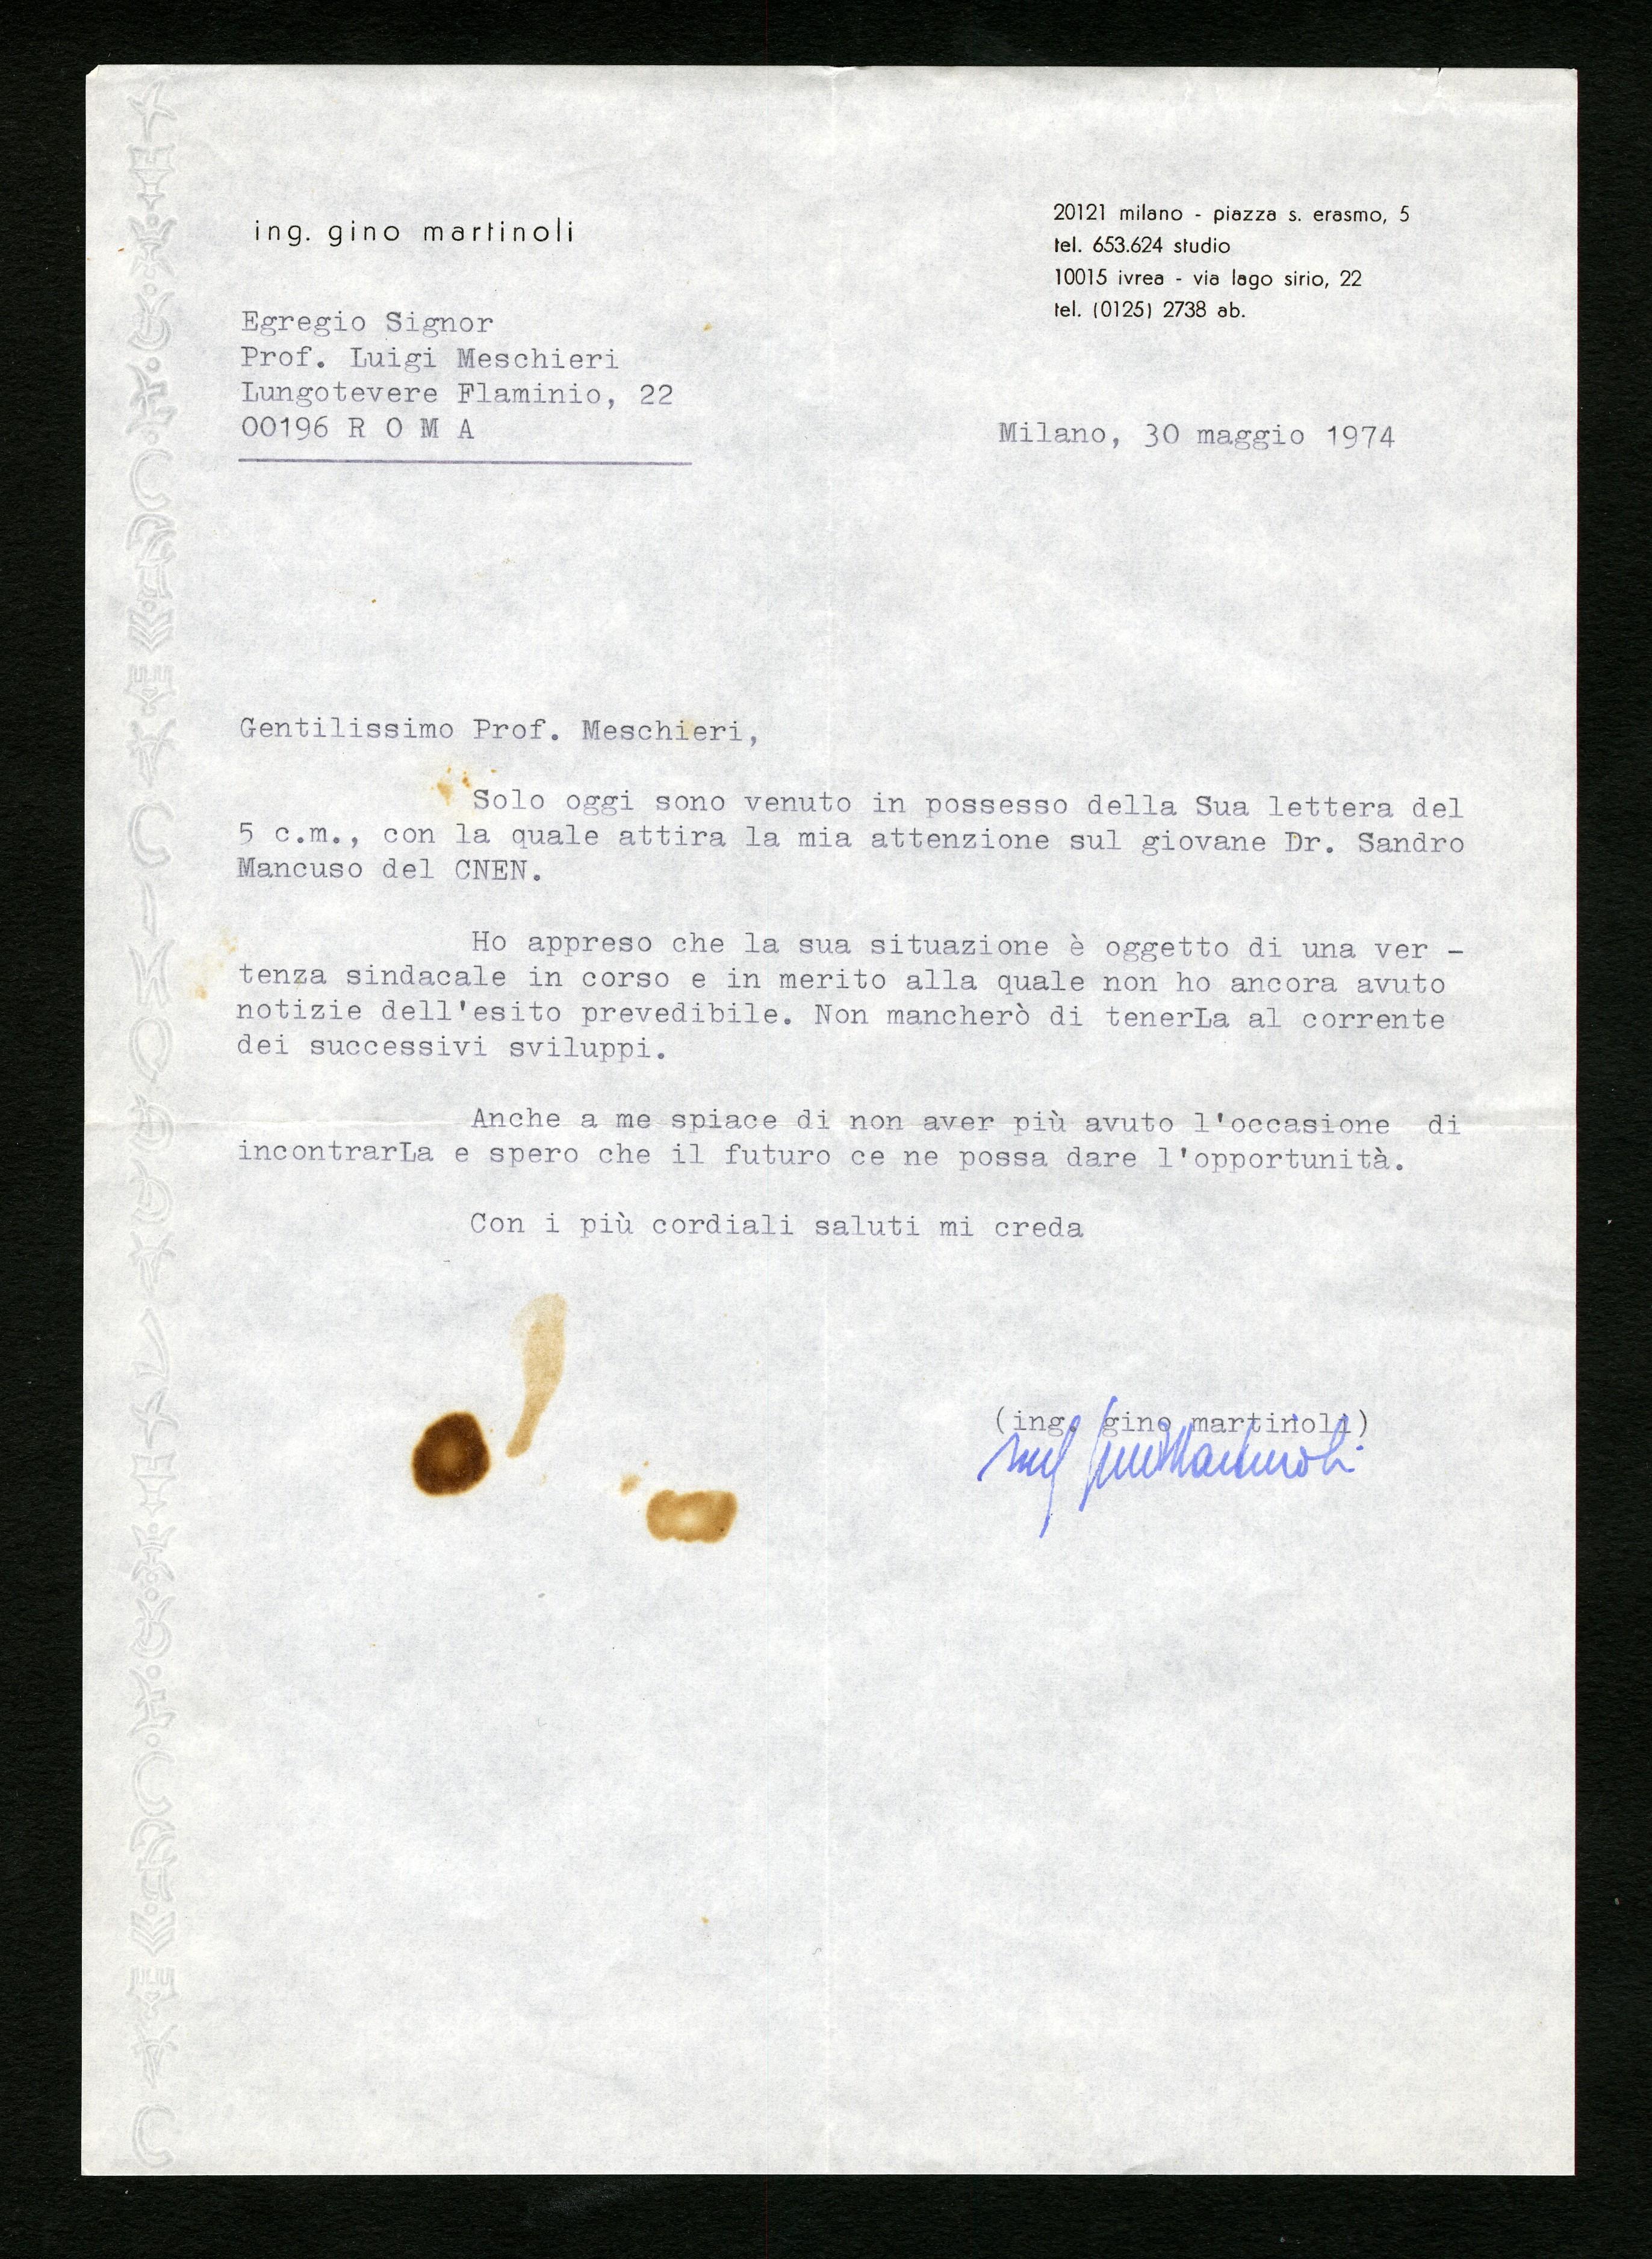 Martinoli Gino - Aspi - Archivio storico della psicologia italiana 4e30d43c25a5